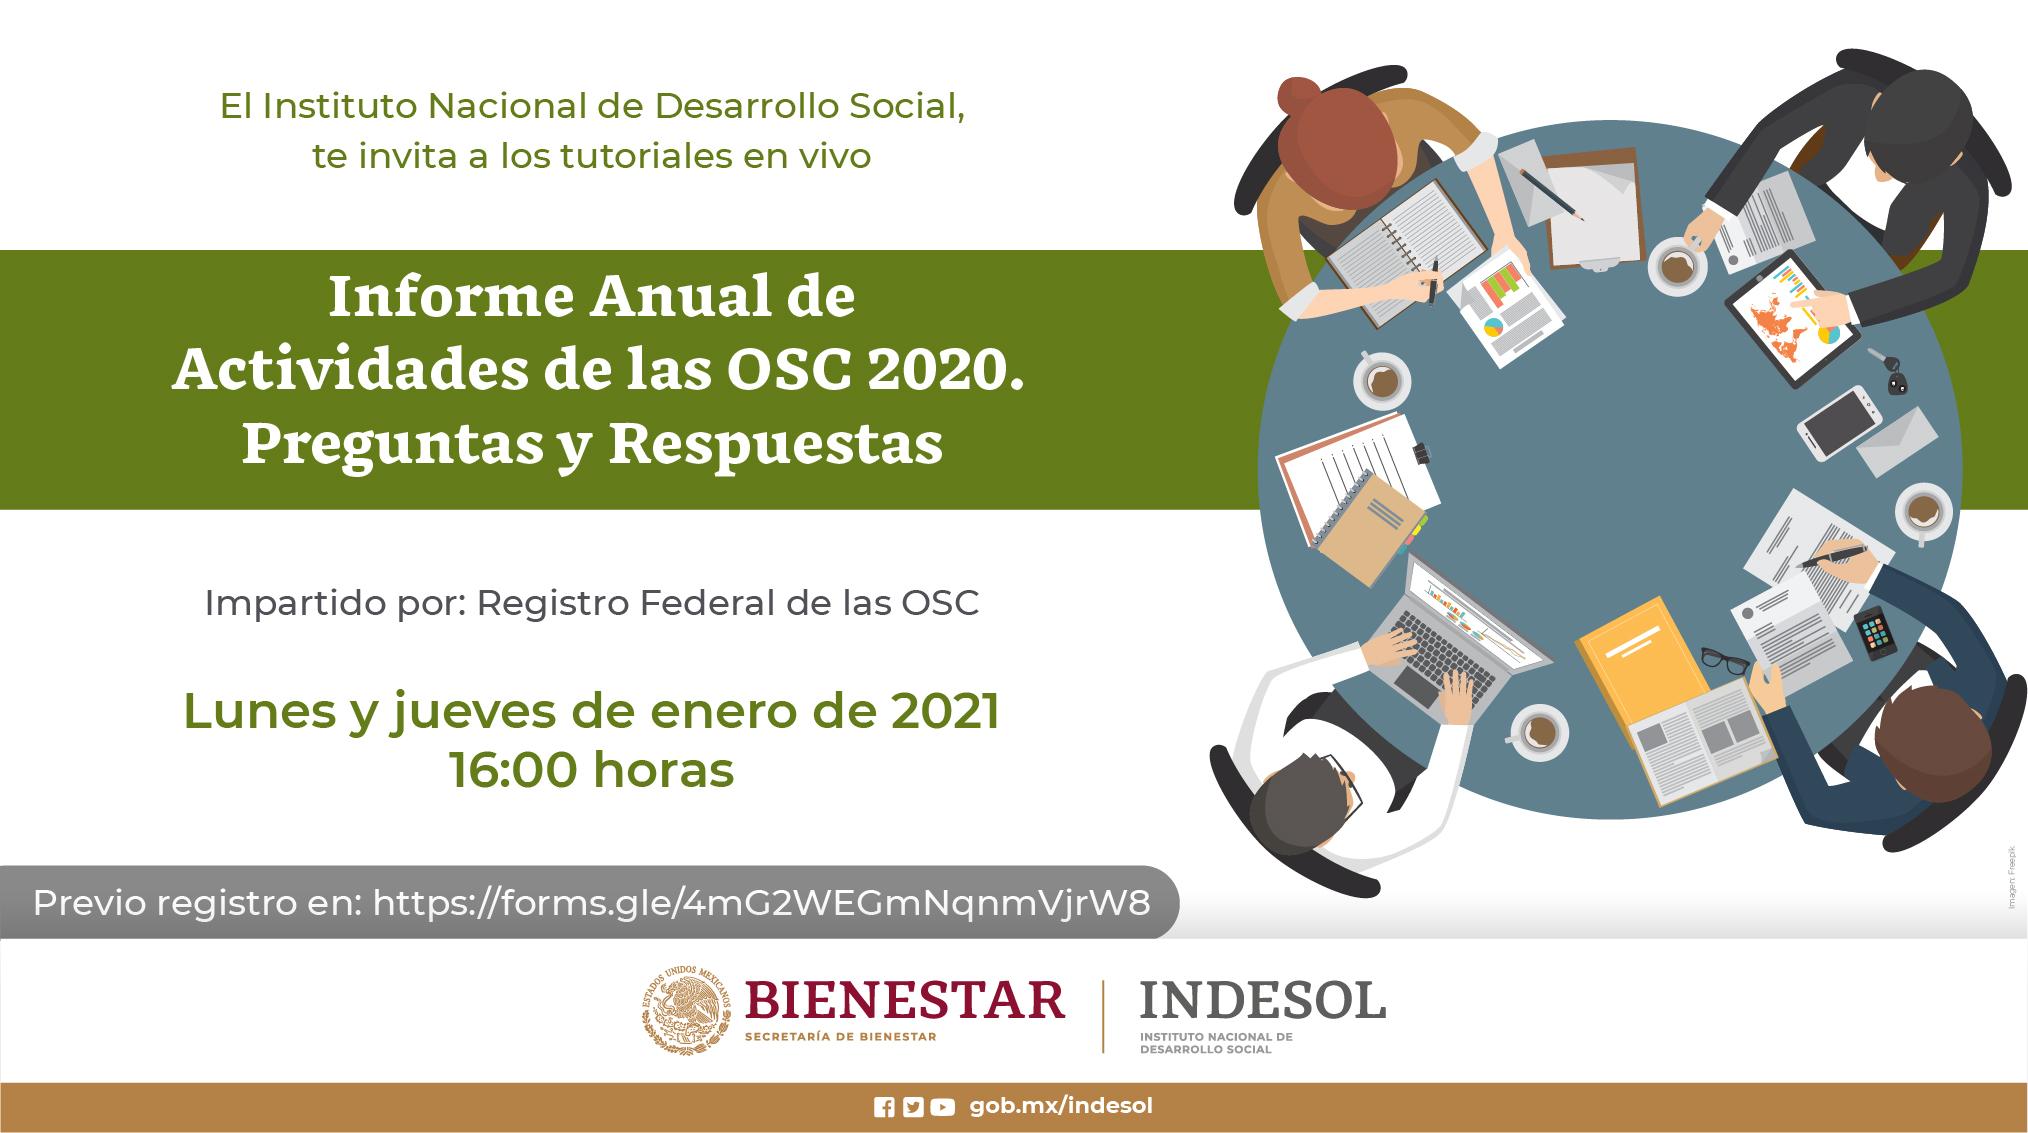 """""""Informe Anual de Actividades de las OSC 2020"""" Preguntas y Respuestas, Tutoriales en vivo."""